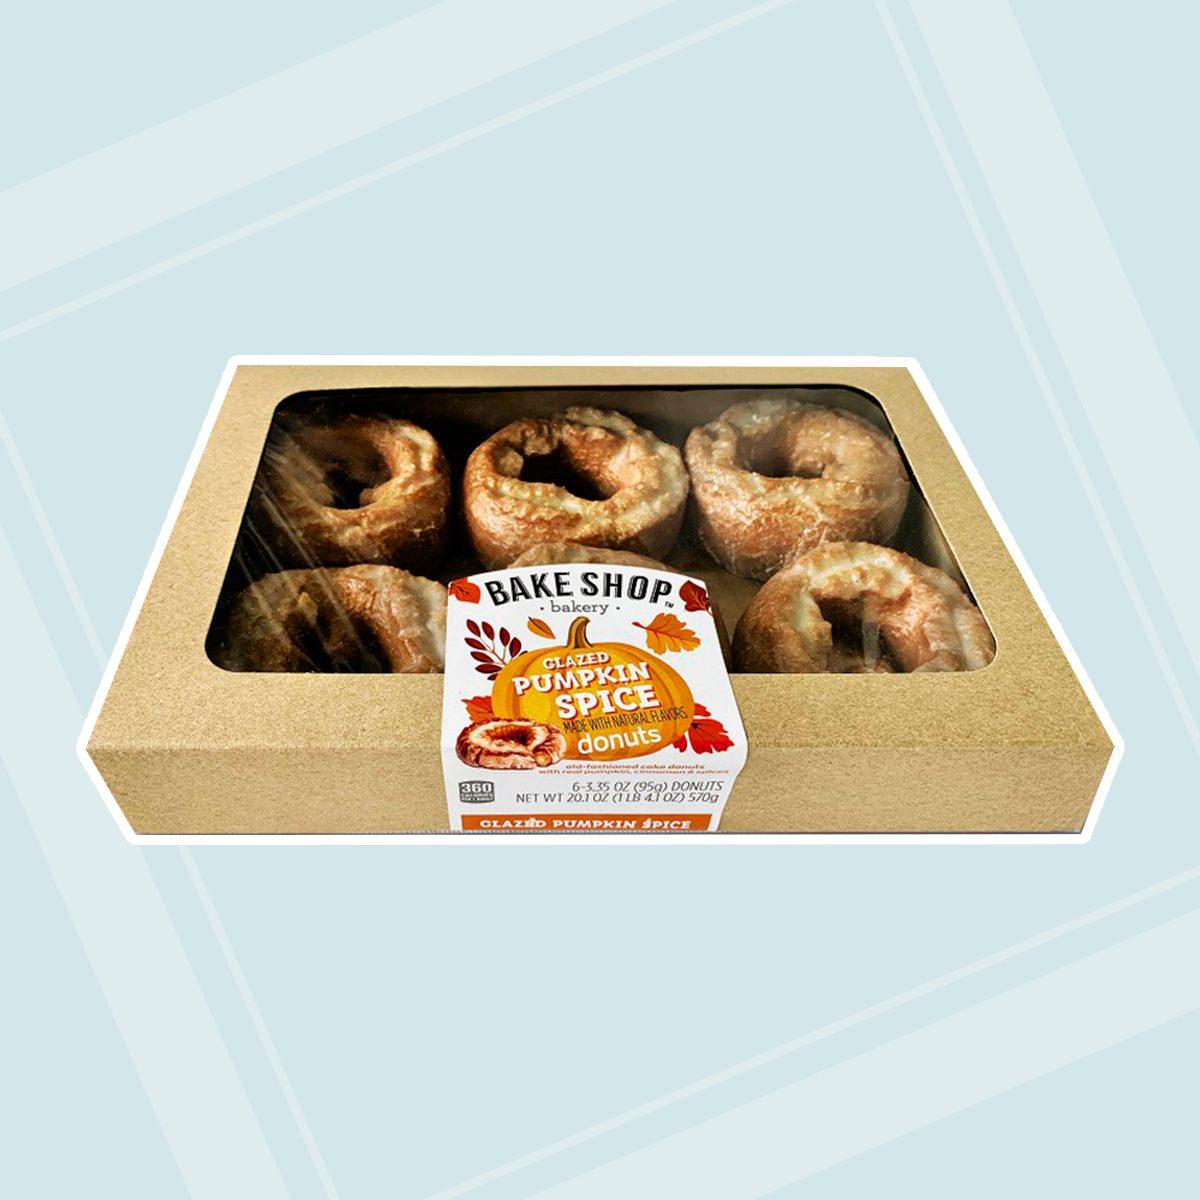 Aldi Bake Shop Pumpkin donuts